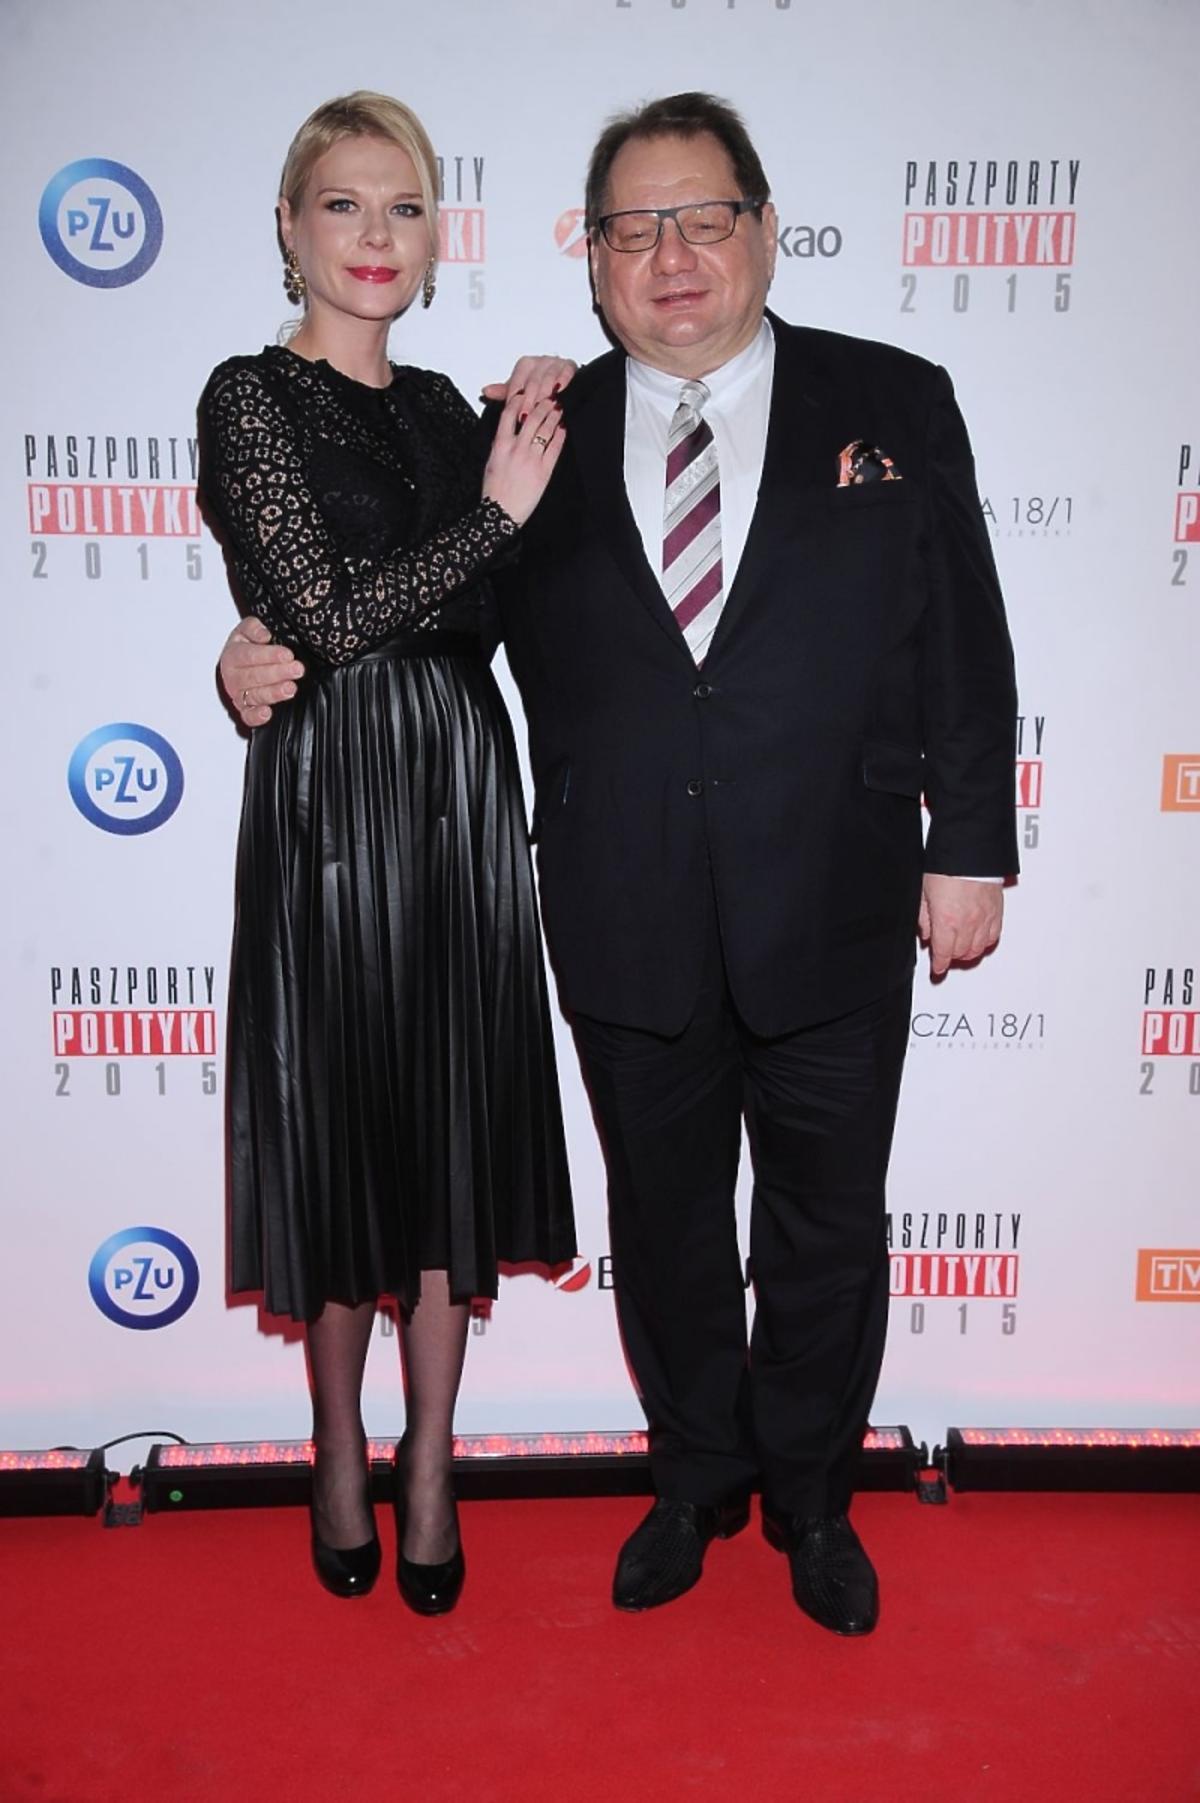 Ryszard Kalisz w ciemnych garniturze z żoną Dominiką na ściance